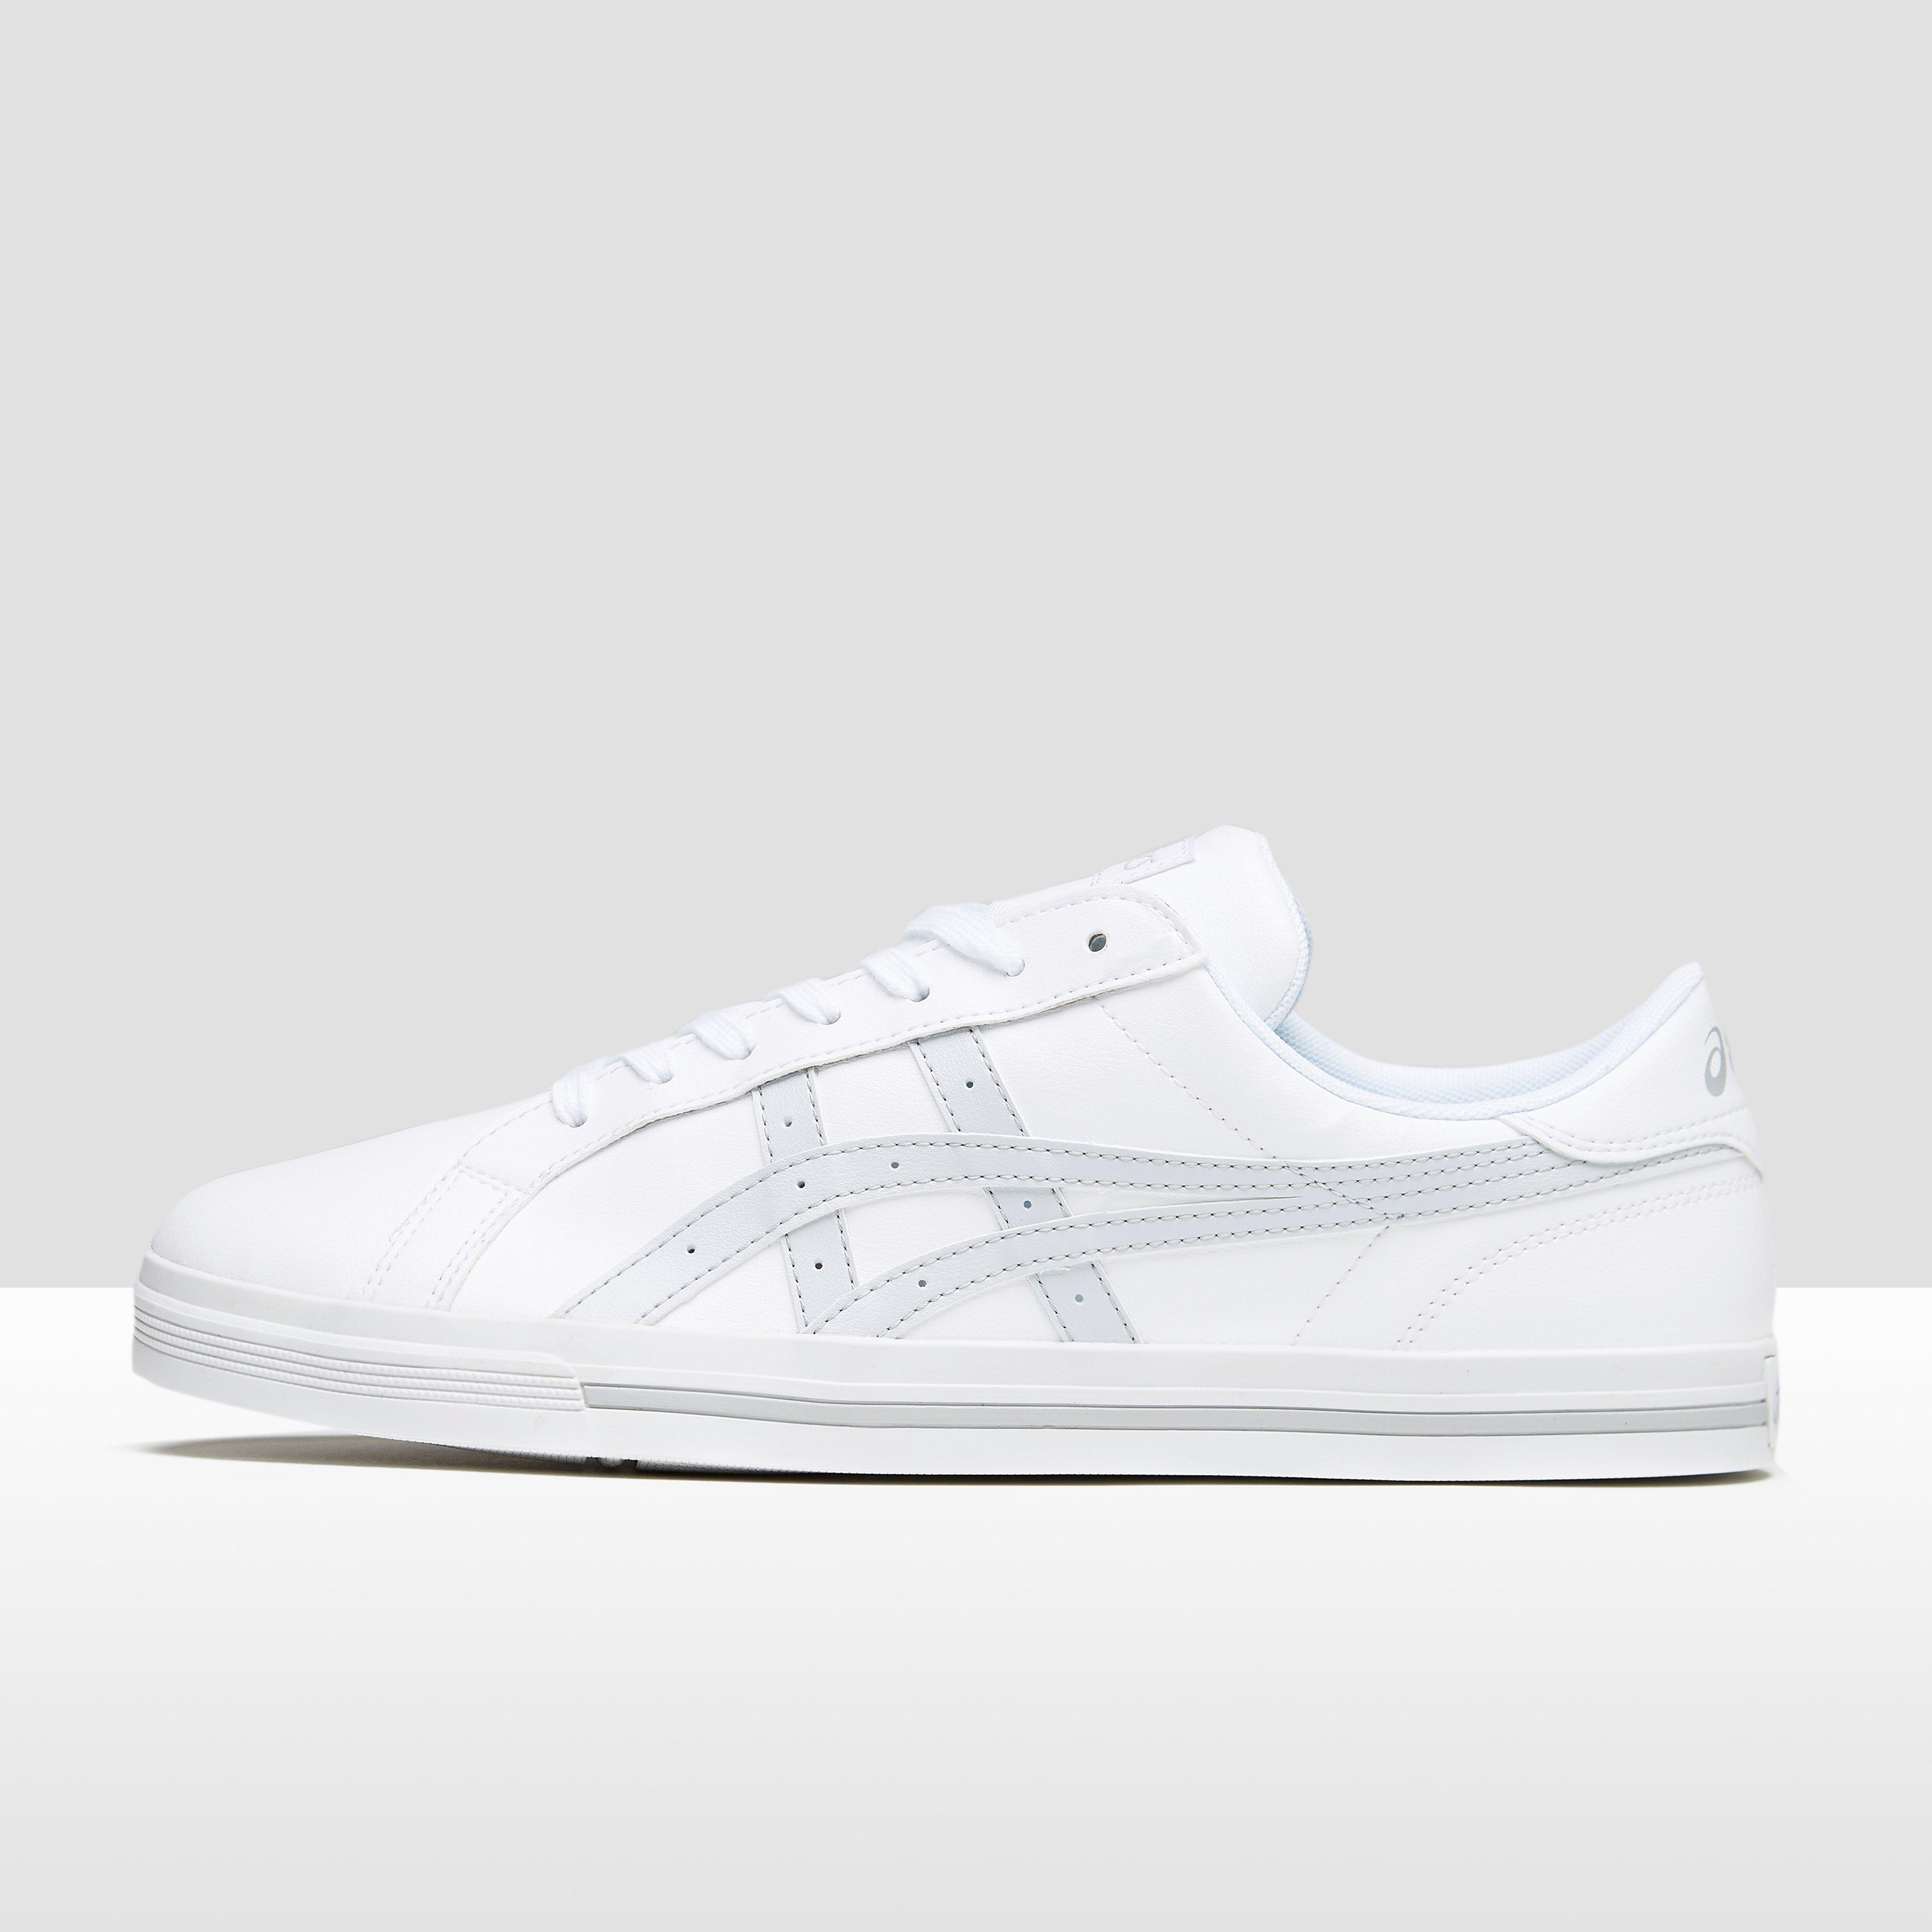 Chaussures Blanches À 48,5 Pour Les Hommes